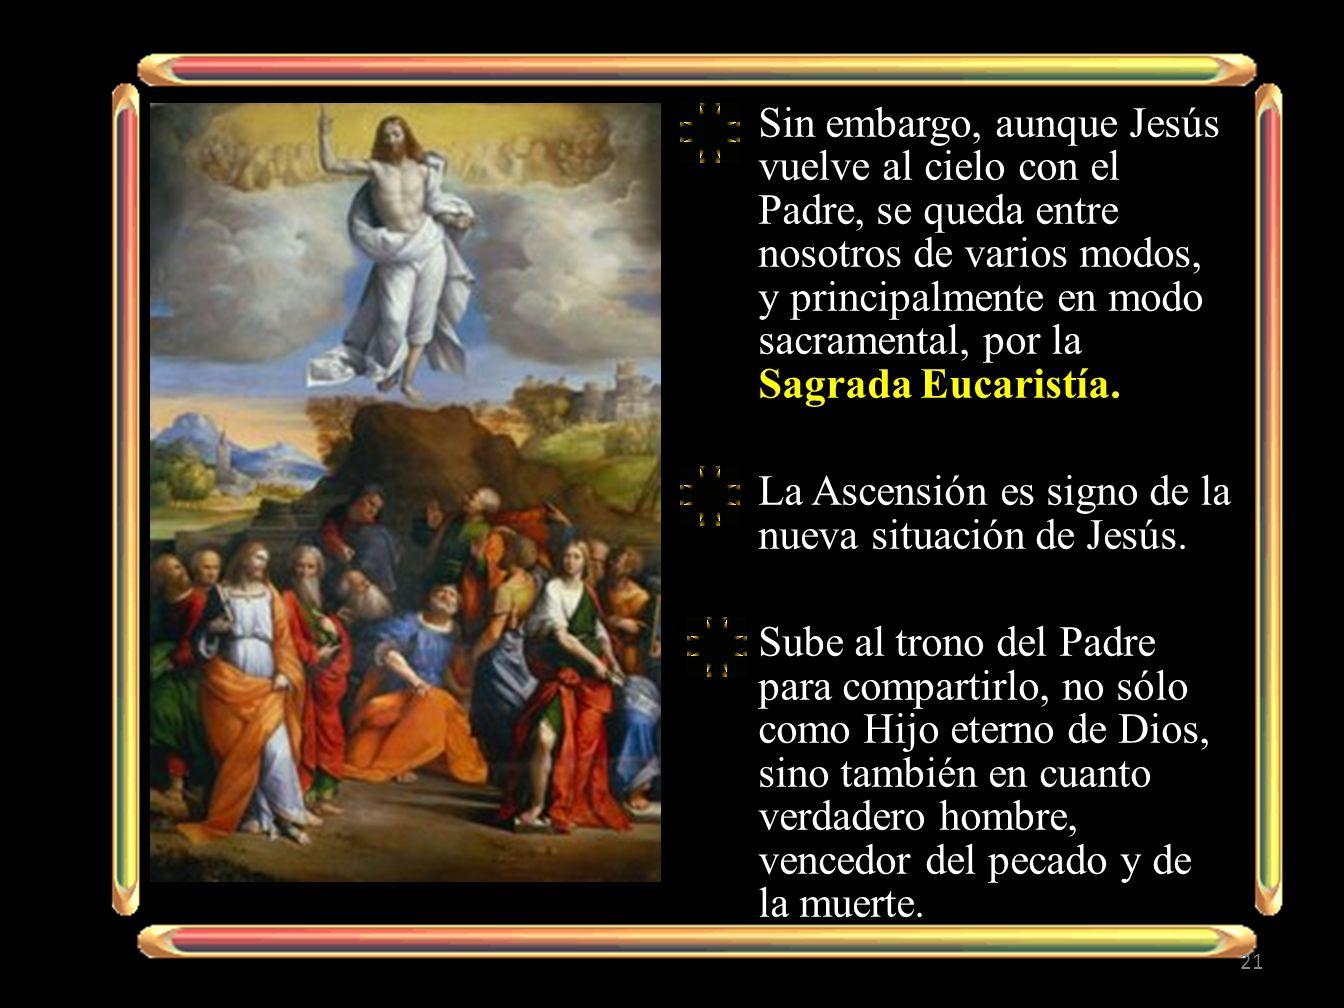 Sin embargo, aunque Jesús vuelve al cielo con el Padre, se queda entre nosotros de varios modos, y principalmente en modo sacramental, por la Sagrada Eucaristía.